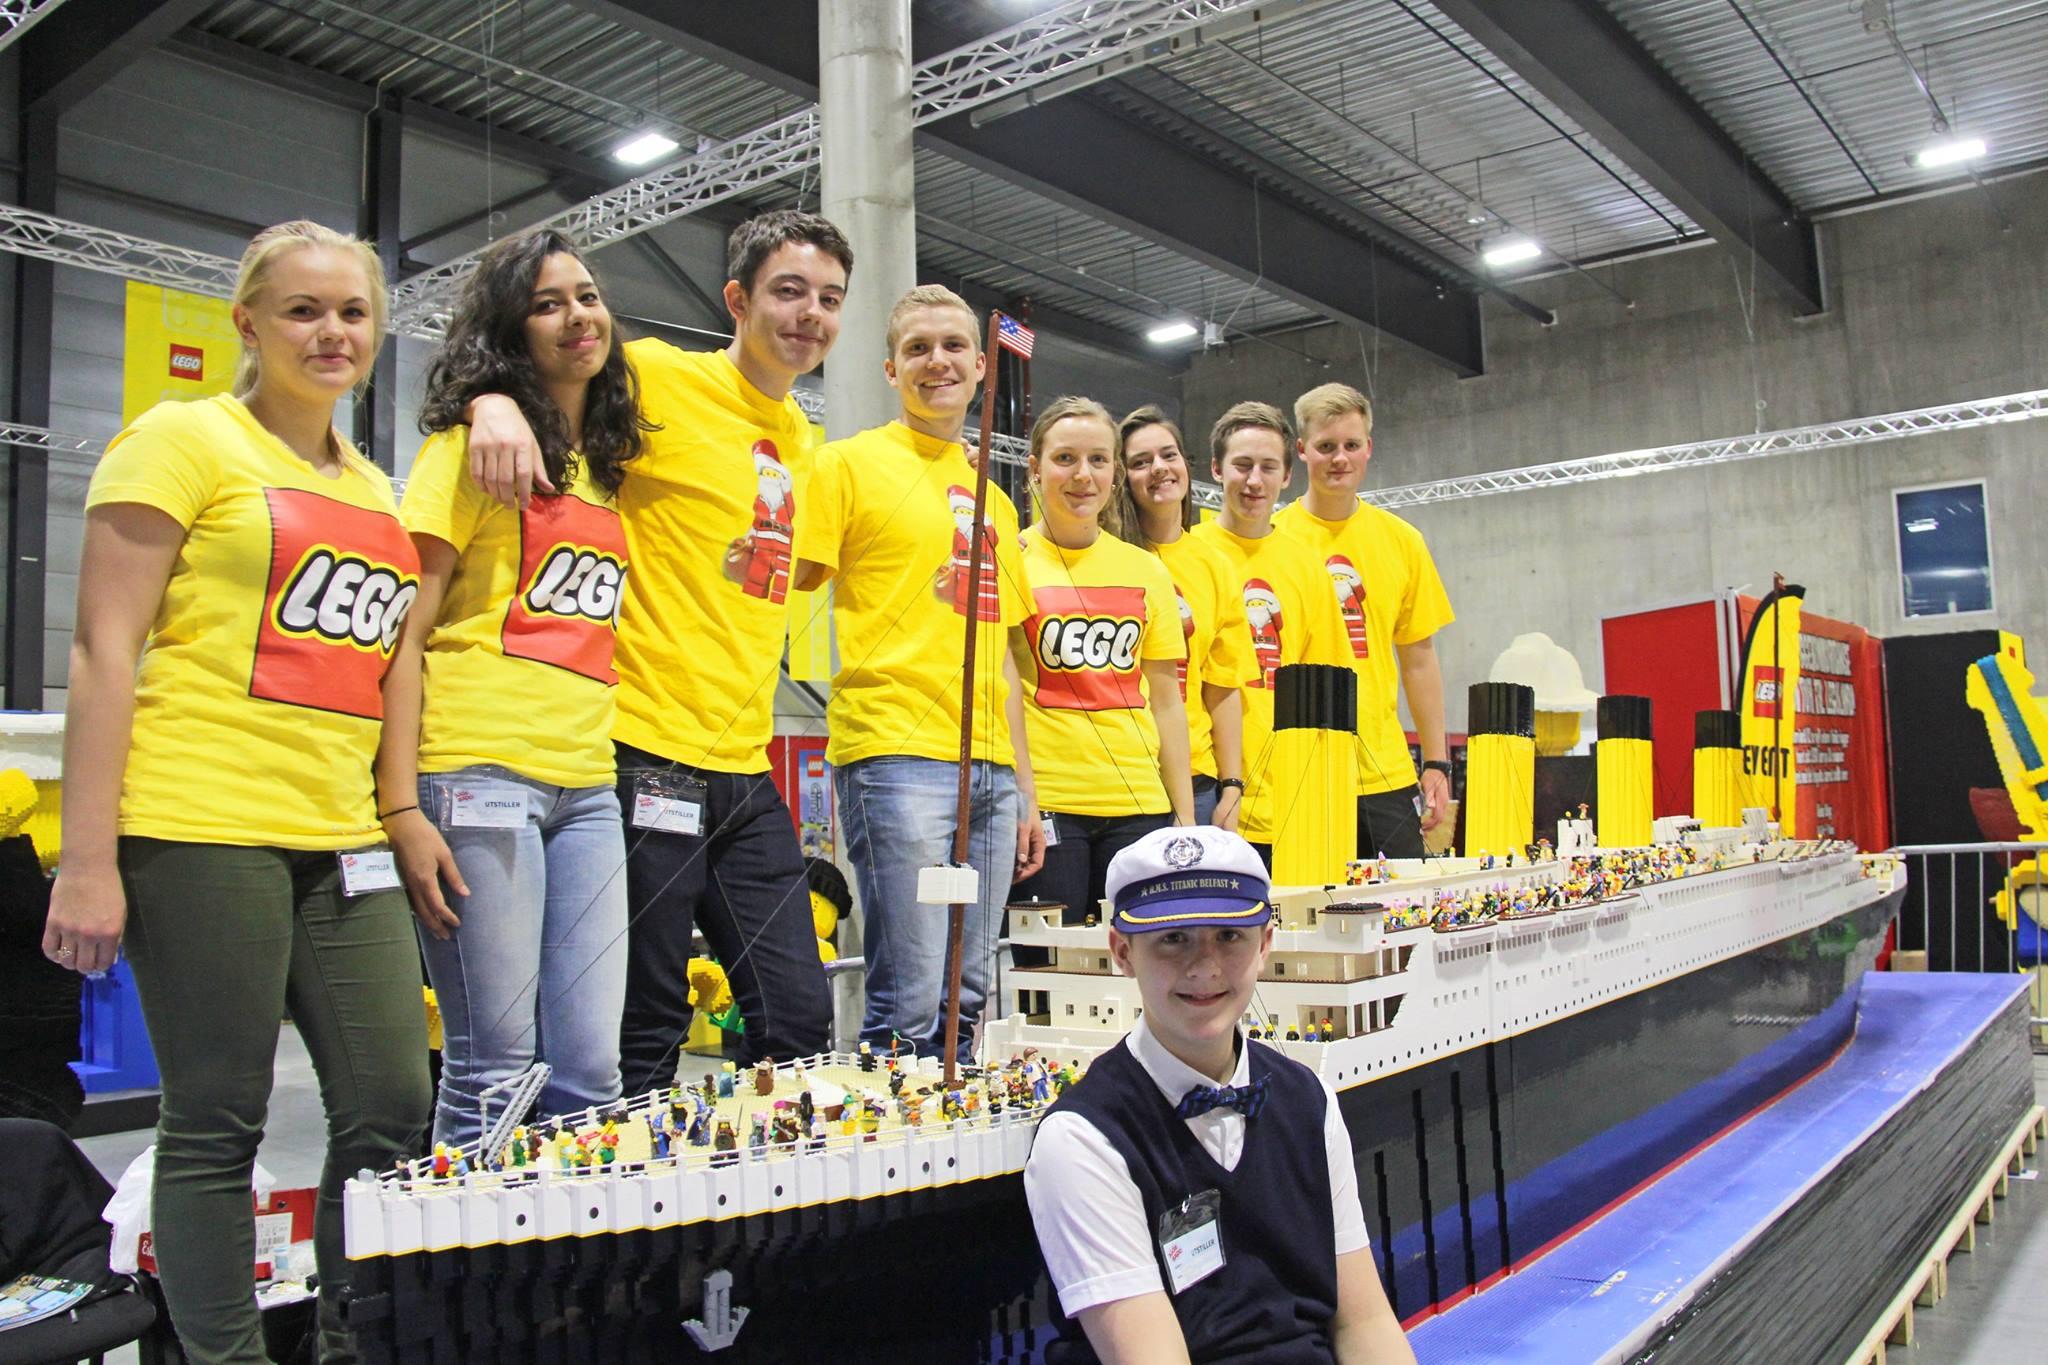 Brynjar Karl Birgisson delante de su maqueta del Titanic y otros niños con la camiseta de